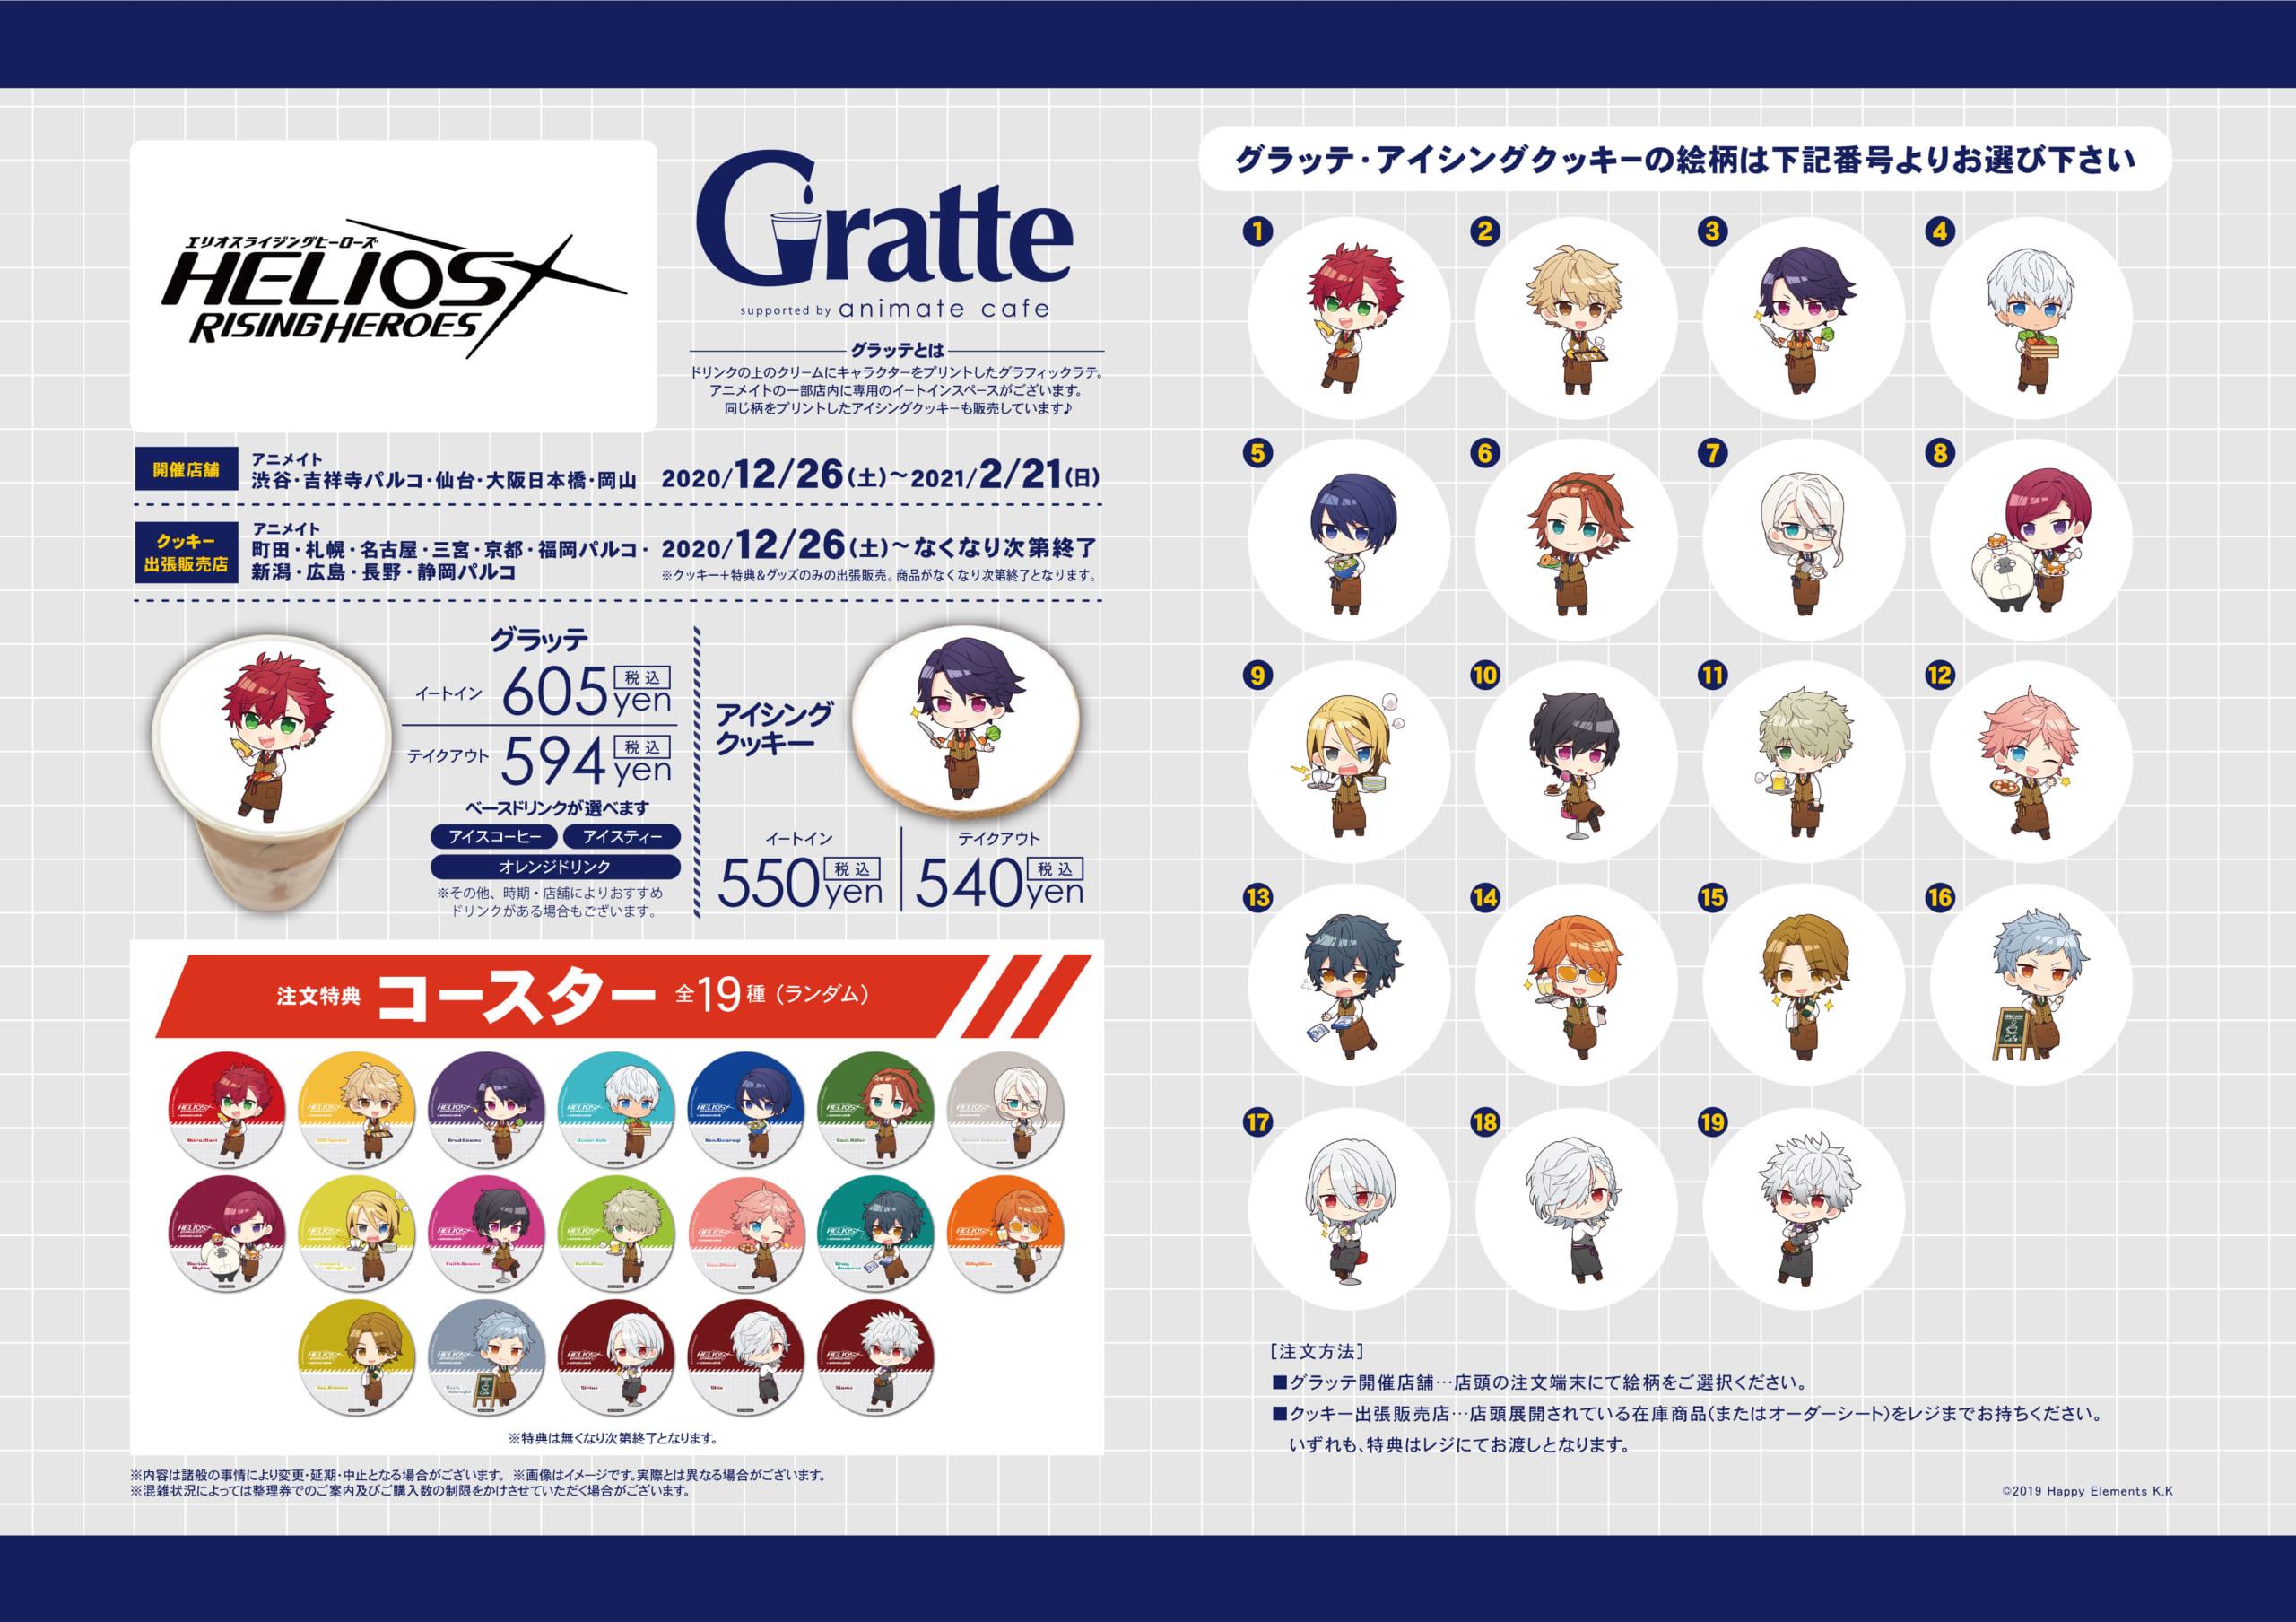 「エリオスライジングヒーローズ」×アニメイトカフェ「Gratte」メニュー